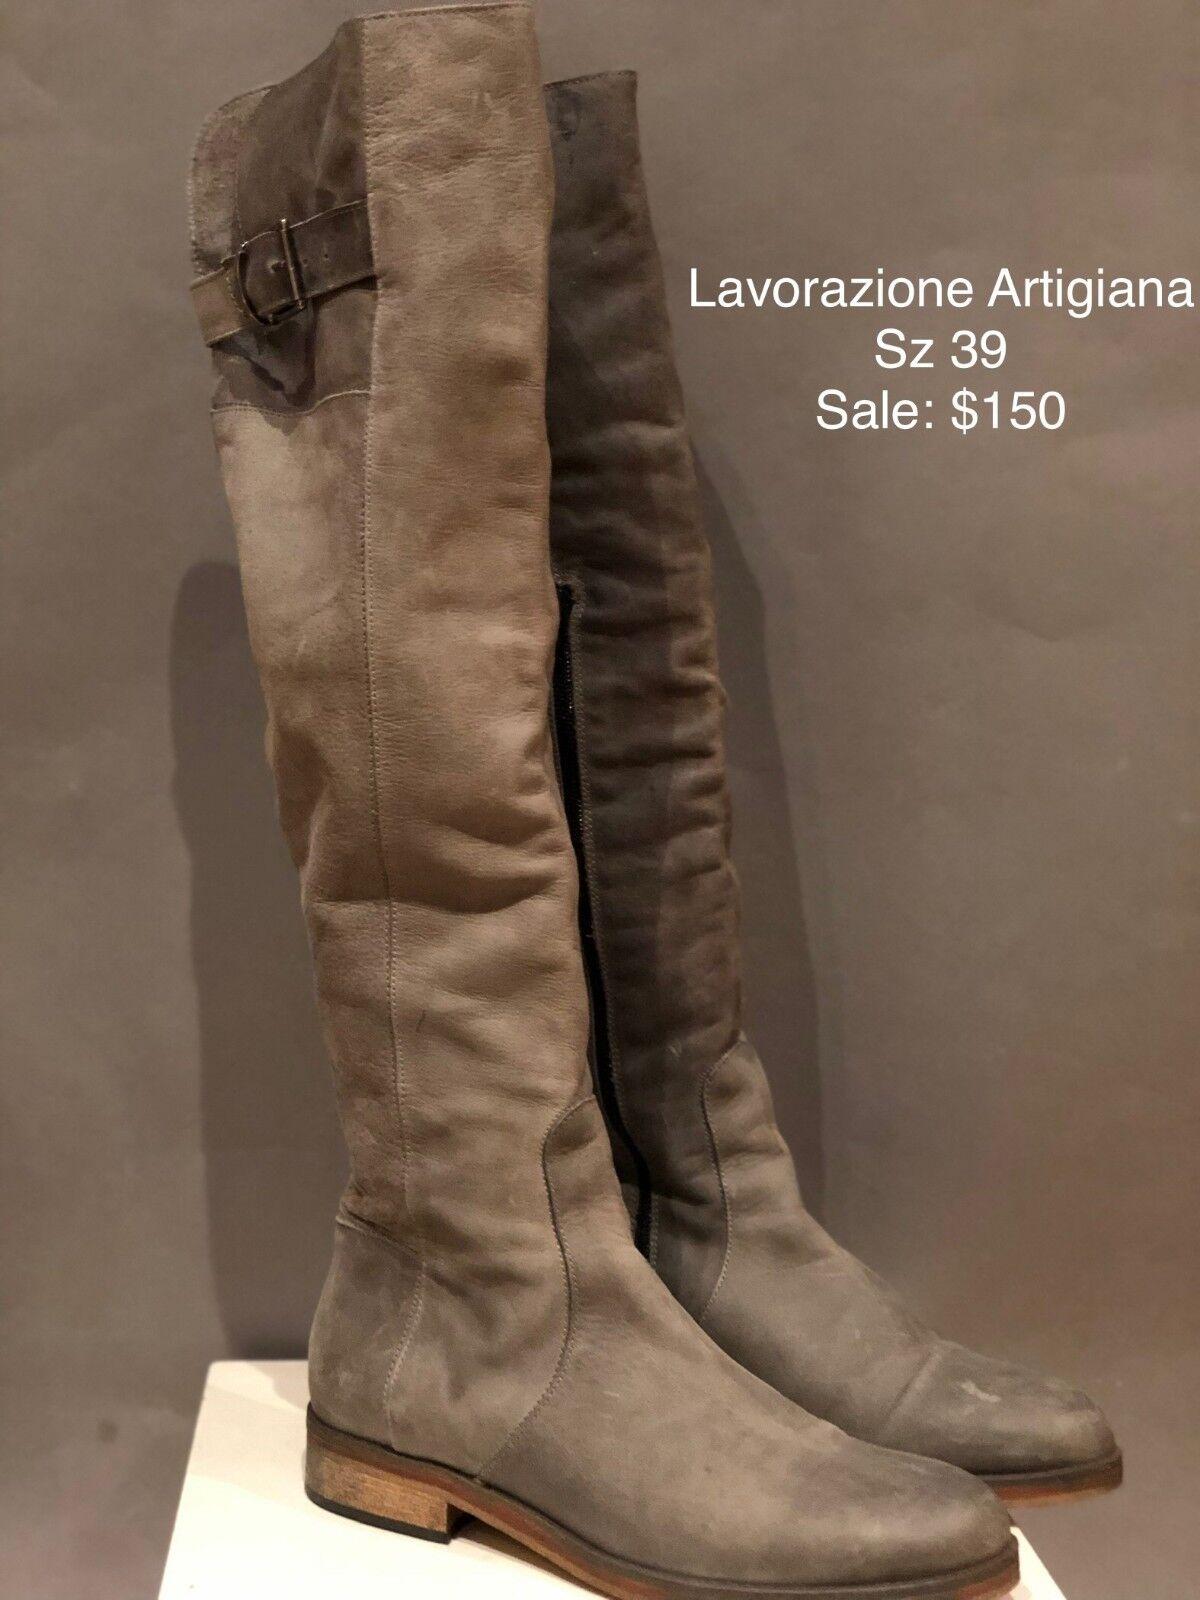 Lavorazione Lavorazione Lavorazione Artigiana botas Altas-tamaño 39  barato y de alta calidad